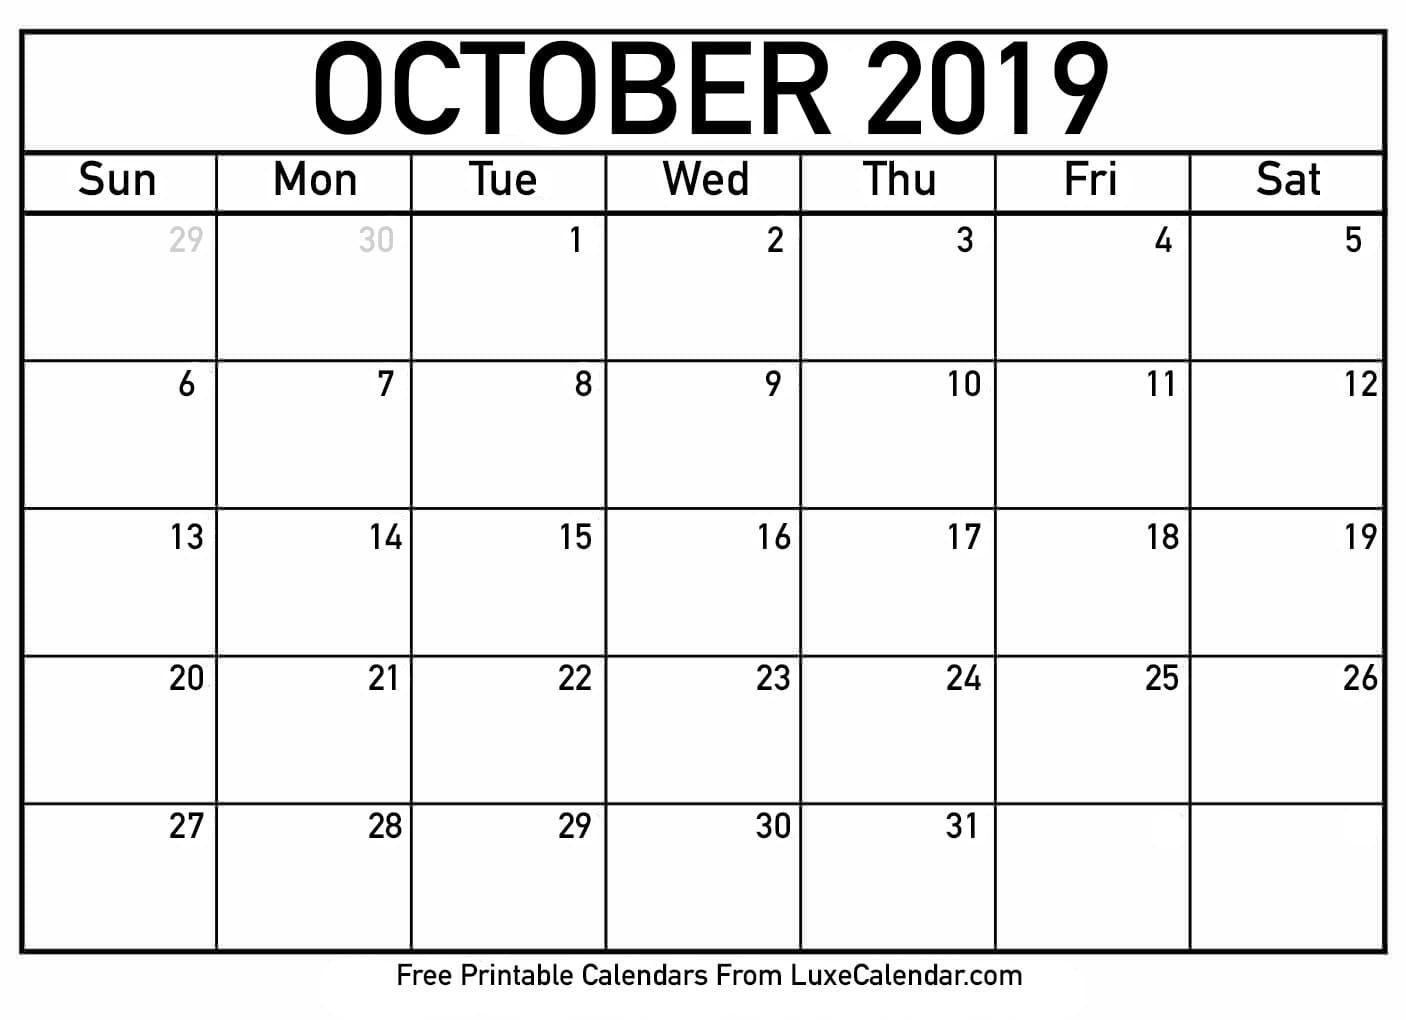 october 2019 calendar printable | calendar printables